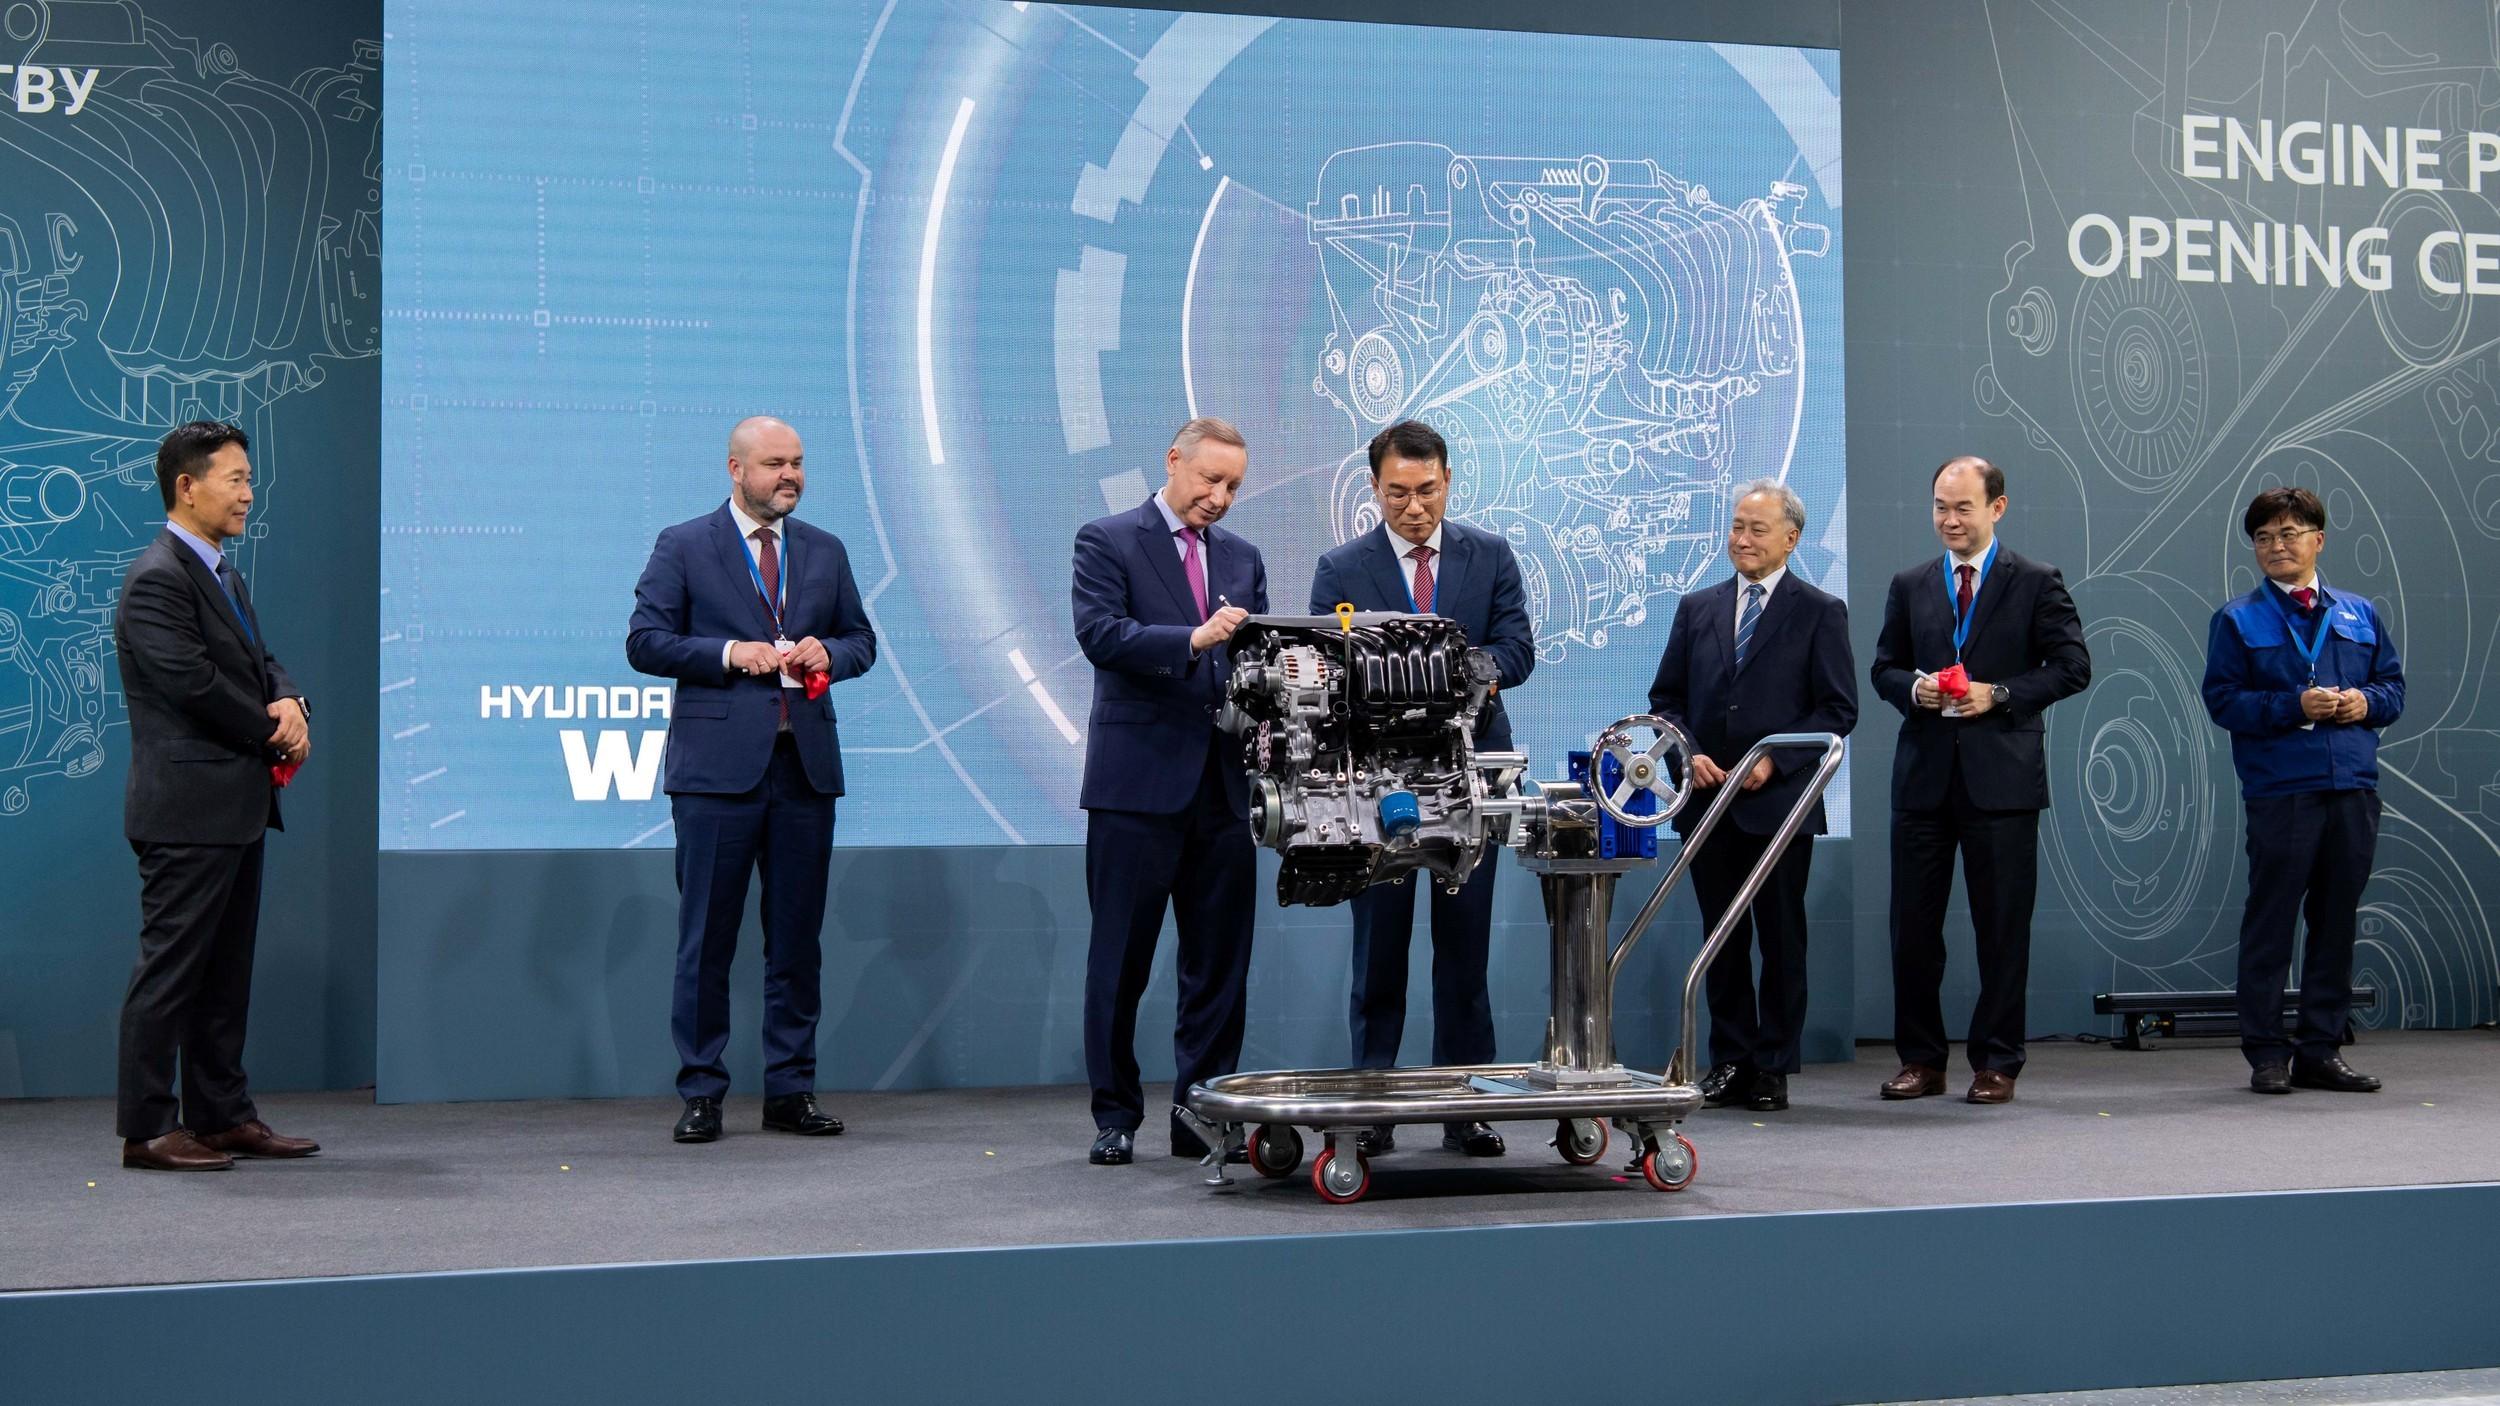 Hyundai запустила в Санкт-Петербурге моторный завод с большим запасом мощности